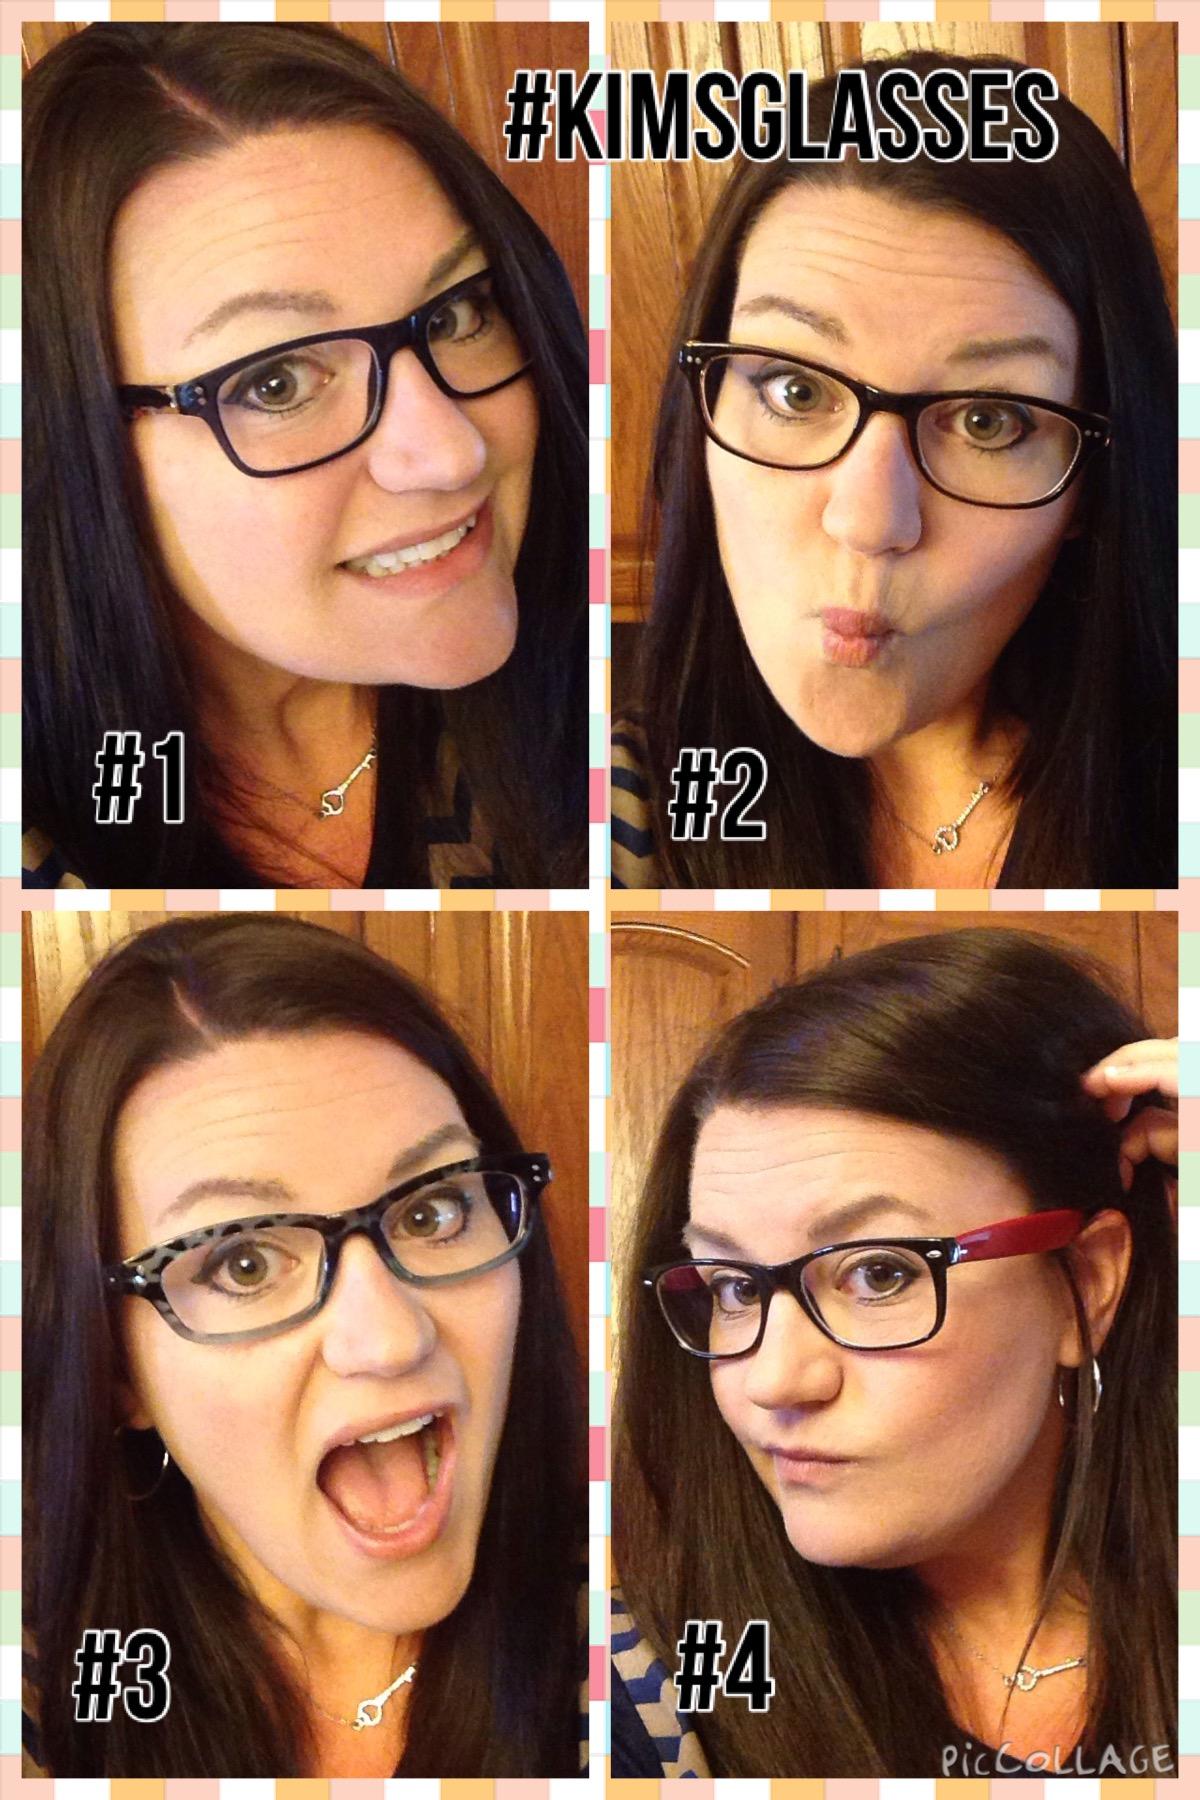 Which Wayfarer Glasses Look Best On Kim? Vote For #KimsGlasses